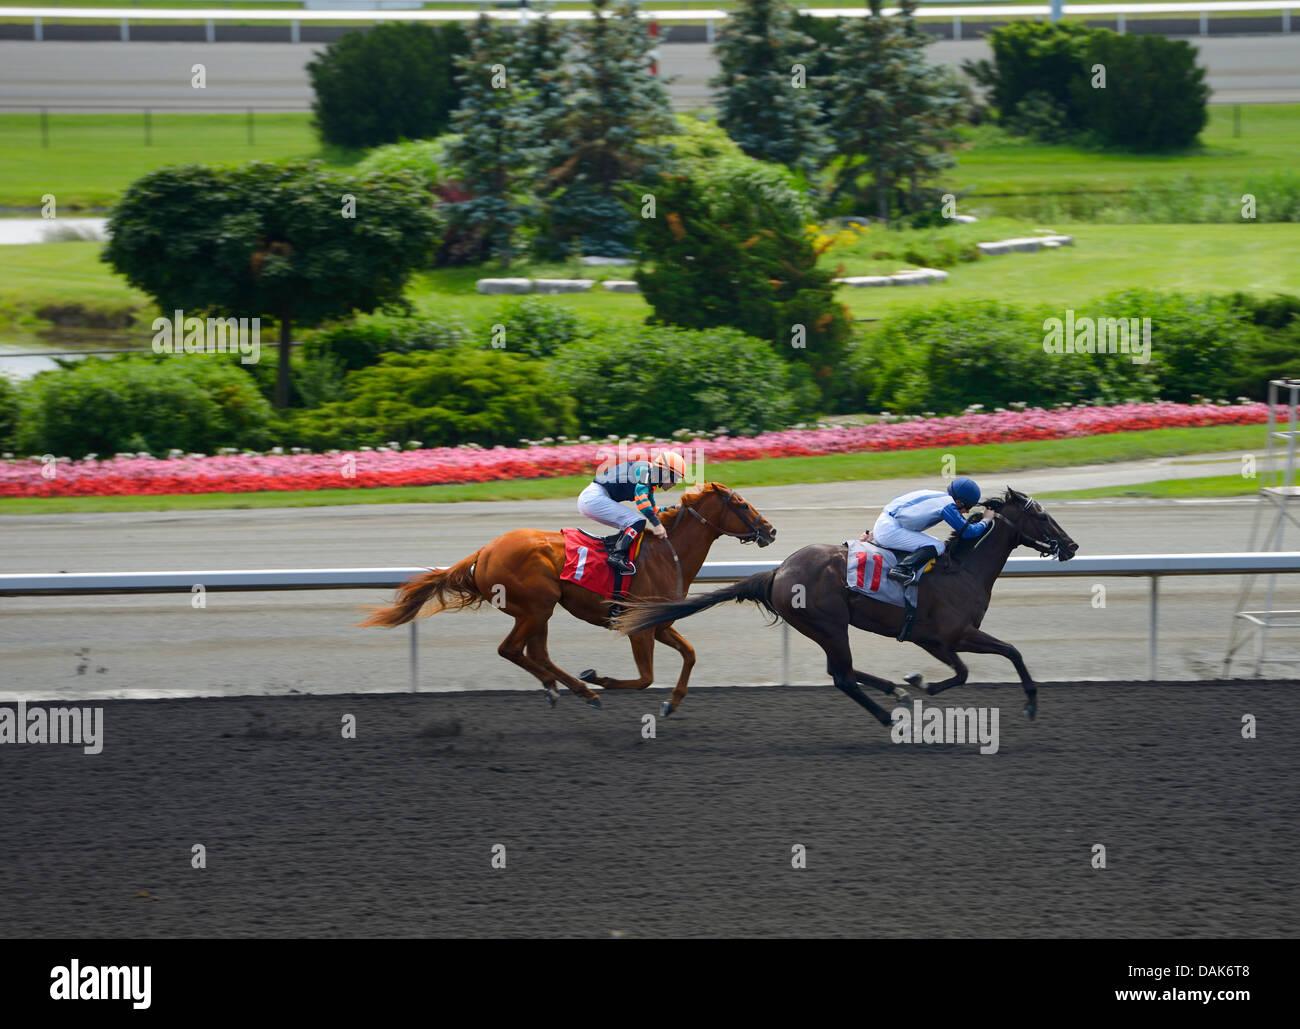 Königliche Warnung vorbei Csonka in 4 Rennen der Queens Platte am Woodbine Racetrack Toronto Kanada Stockbild